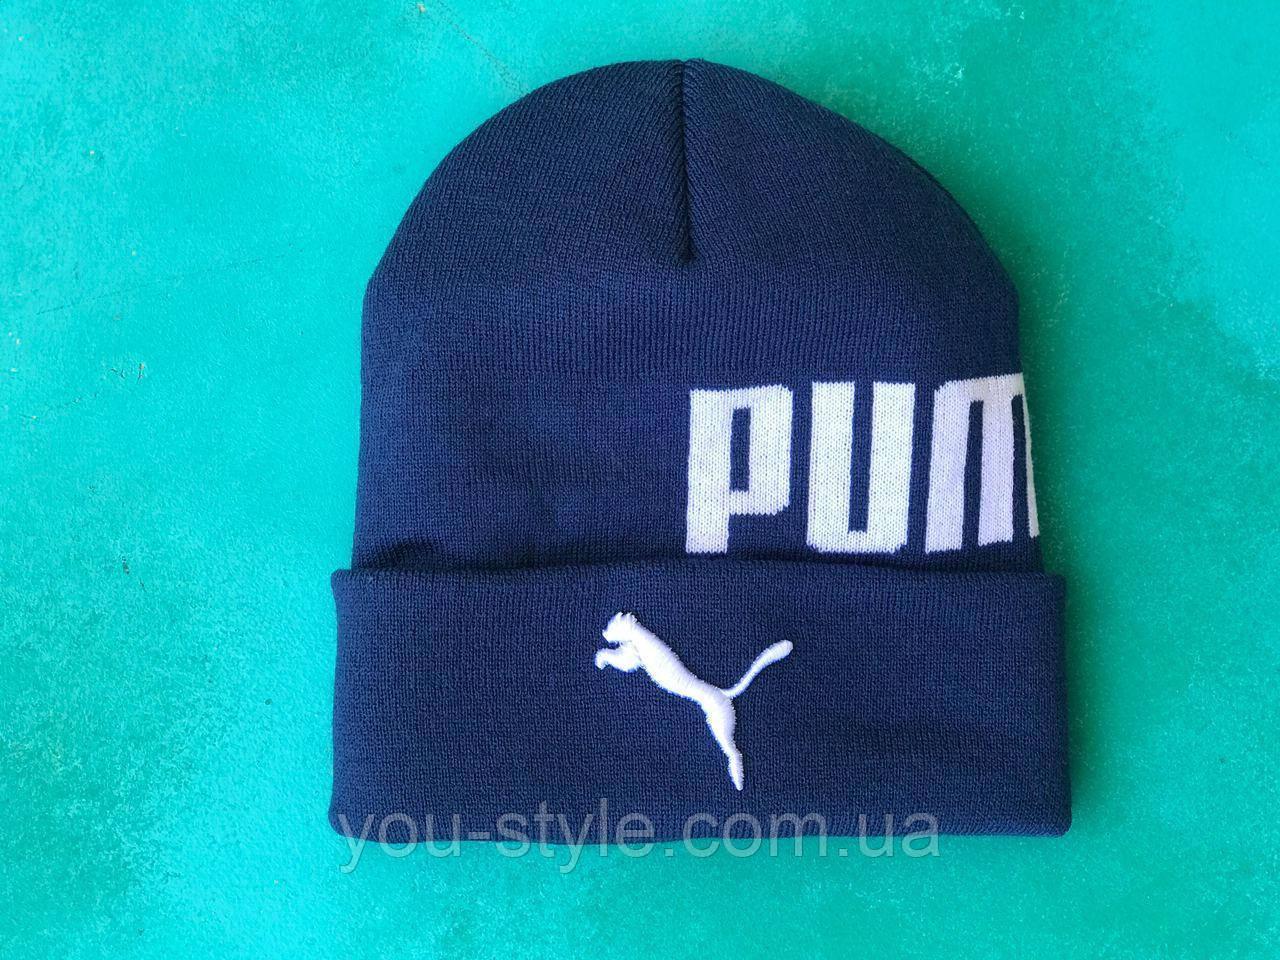 Шапка Puma / шапка пума/ шапка женская/шапка мужская/синяя